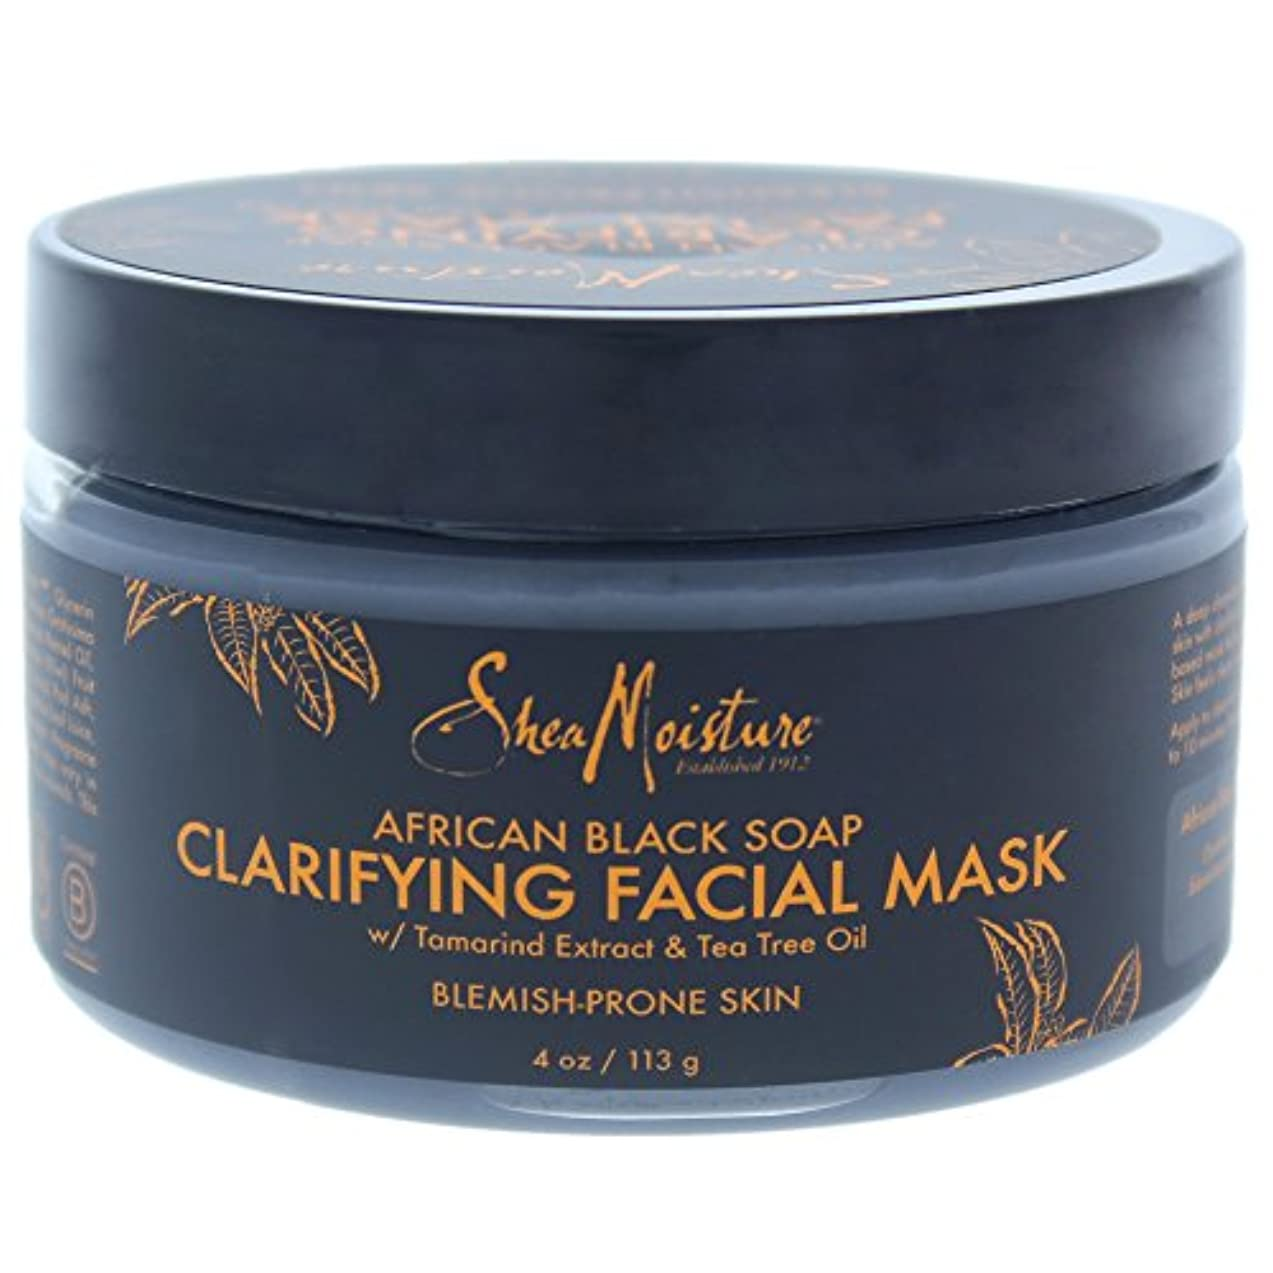 印象派シンプルさ抜け目のないアフリカンブラックソープクラリファイジングフェイシャルマスク African Black Soap Clarifying Facial Mask